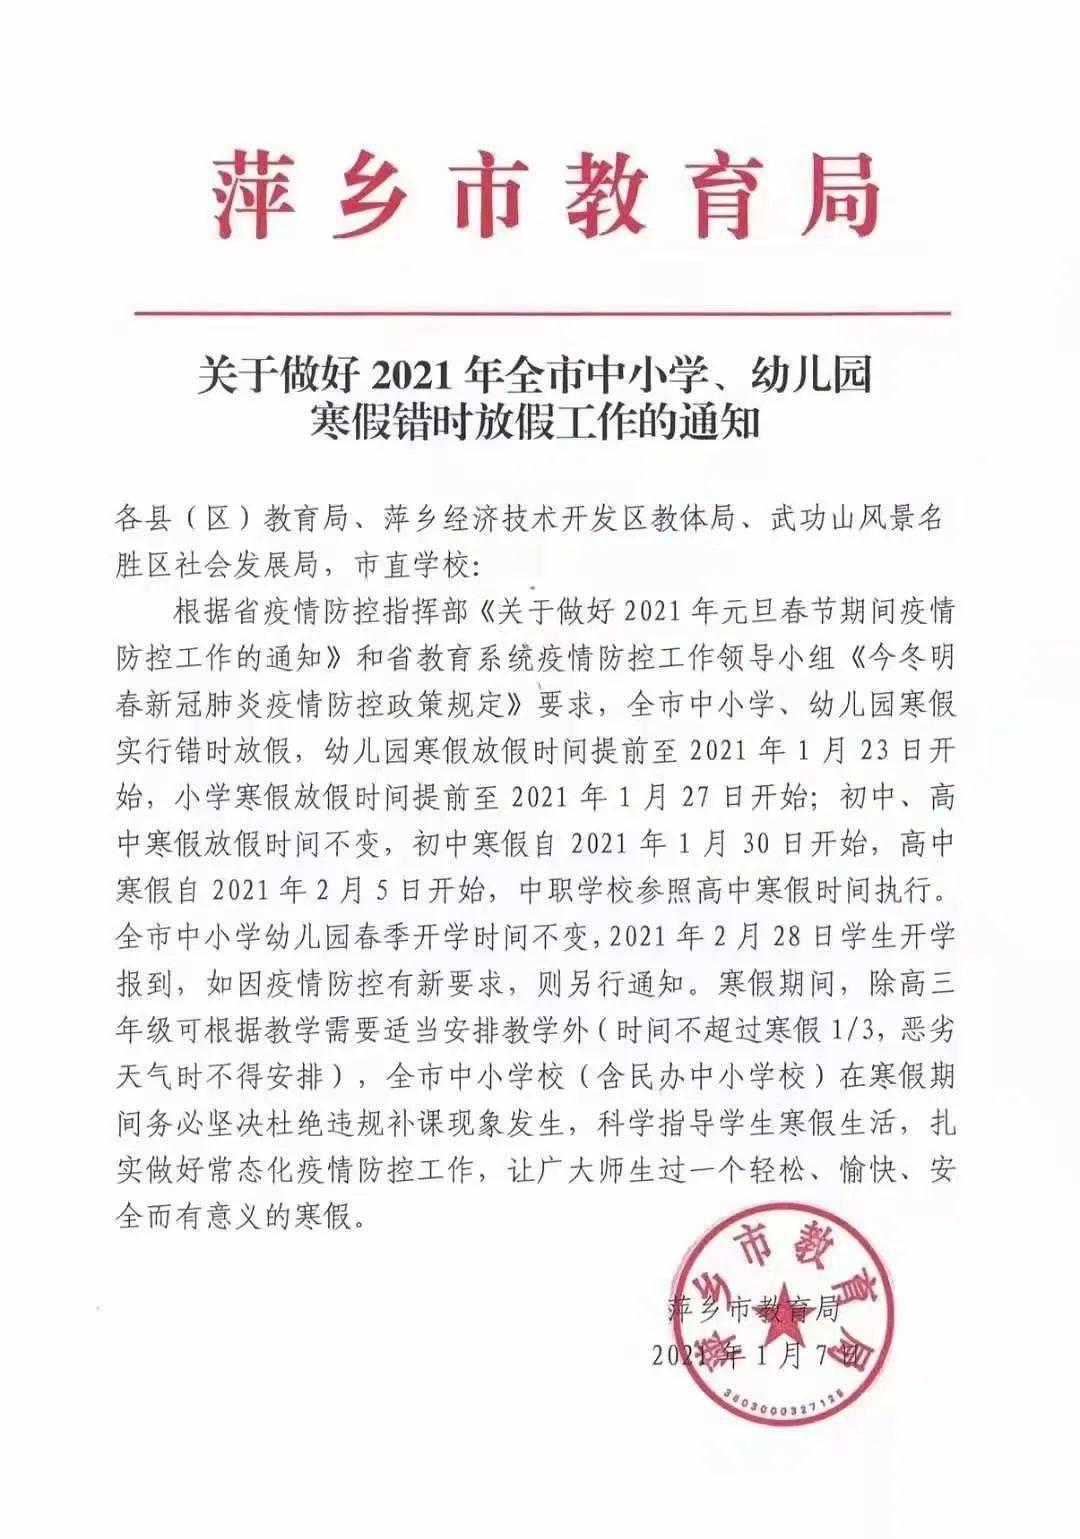 错时放寒假!萍乡中小学、幼儿园放假时间定啦!